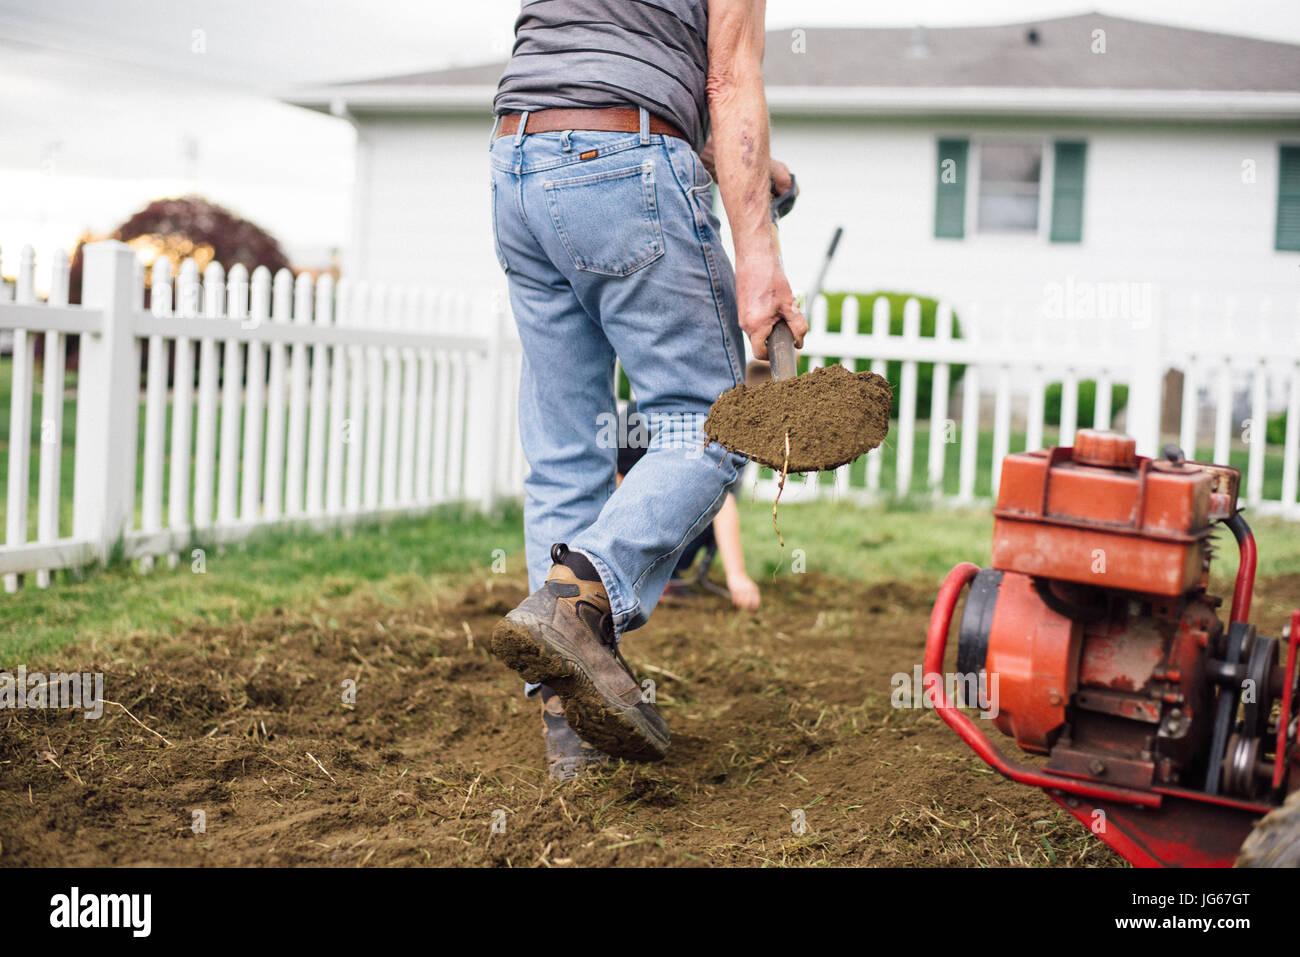 Ein Mann schaufeln Dreck in einem Garten neben einem rotatiller. Stockbild